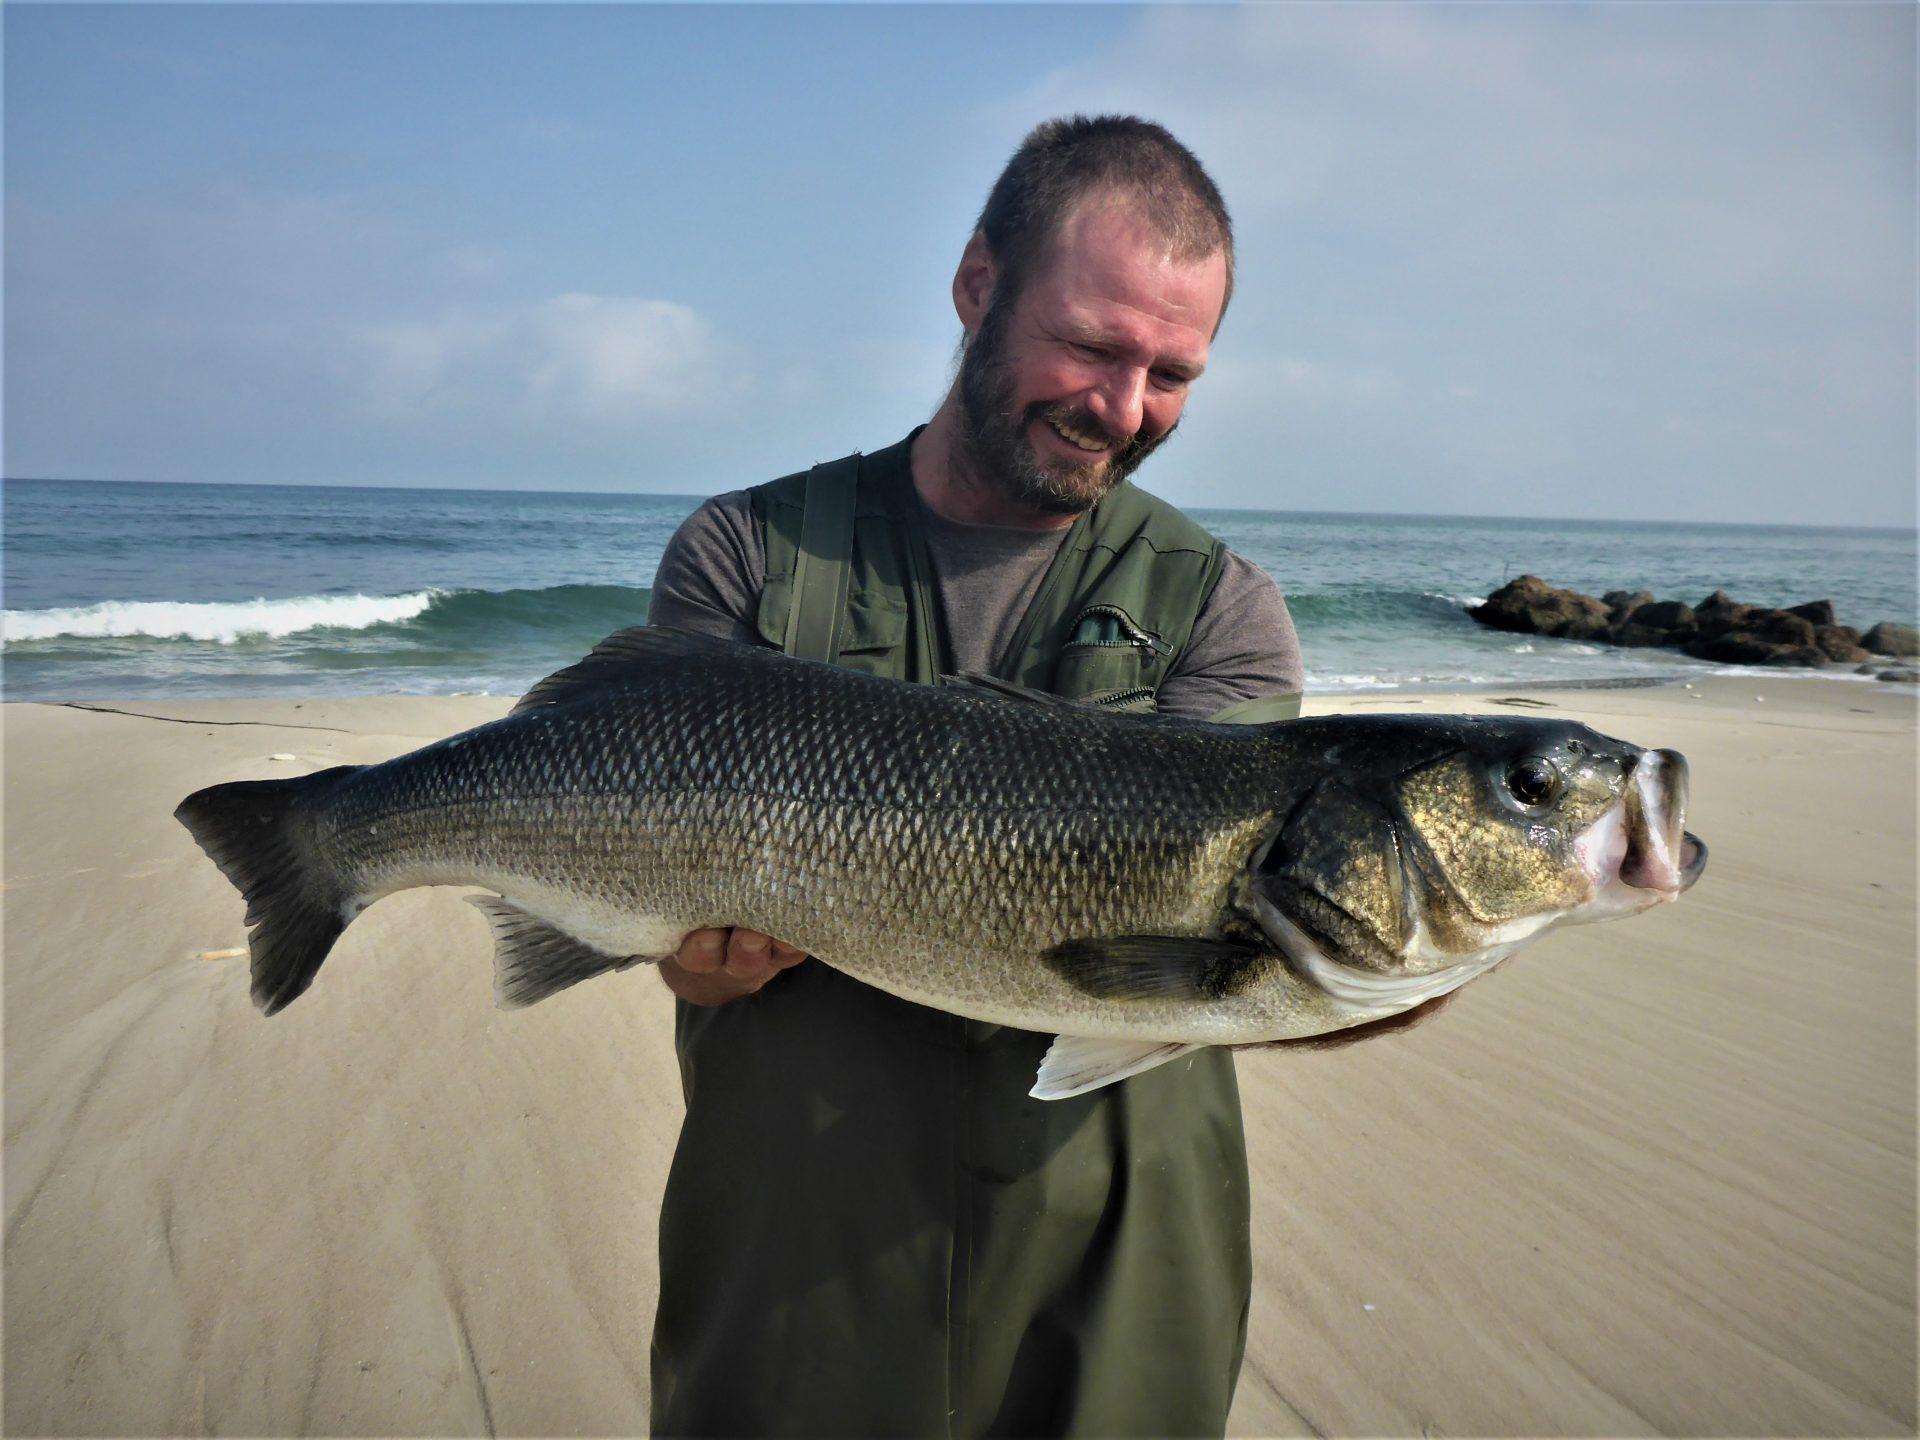 Havbars - kystfiskeri i særklasse er en artikel om det særprægede fiskeri fra Vestkysten.